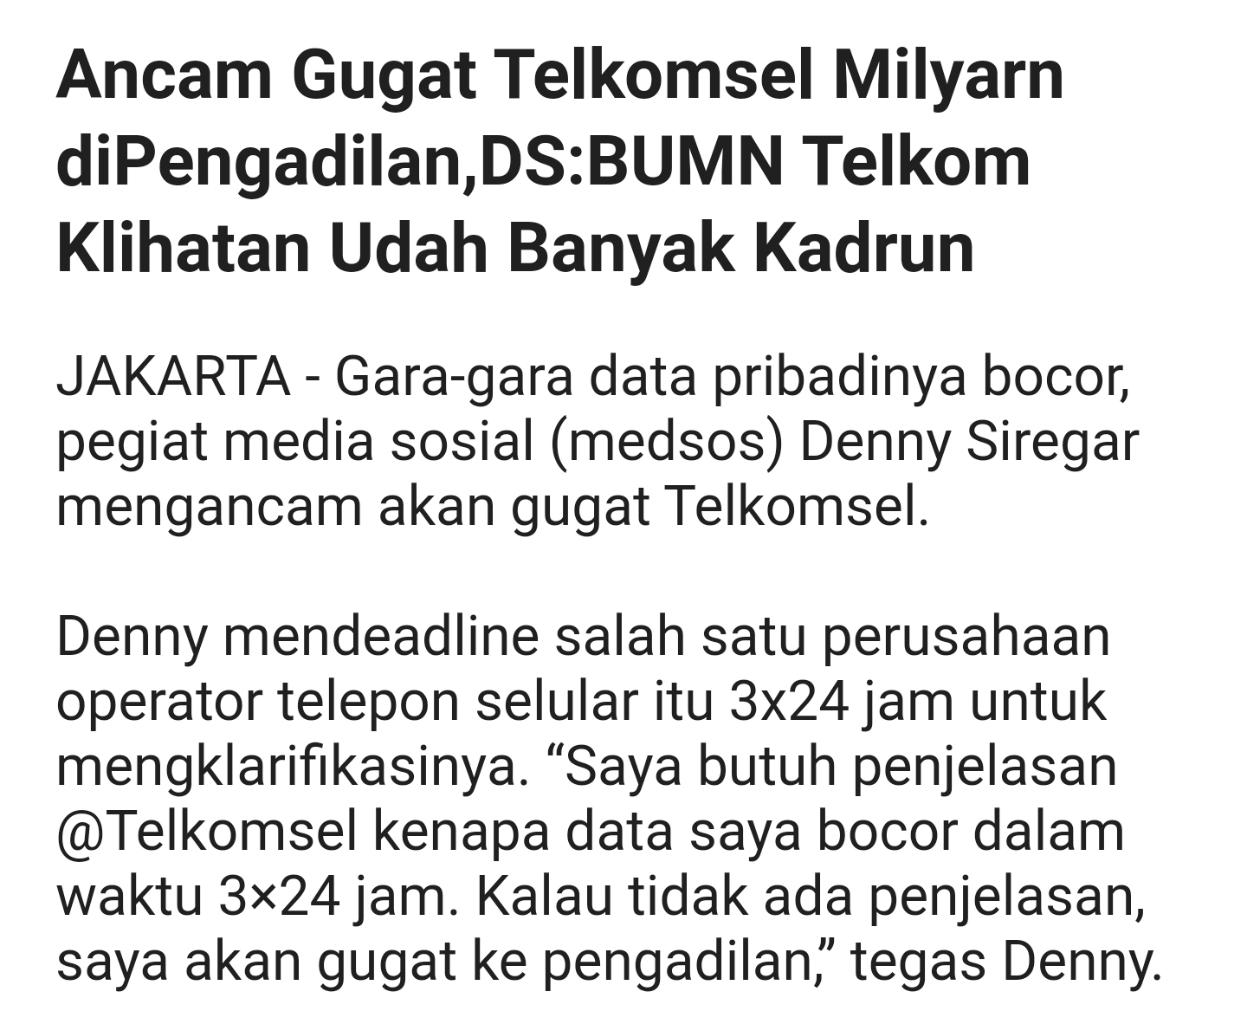 Data Pribadi Denny Siregar Bocor,Akun @xdigeeembok Bongkar Pemilik Akun @Opposite6891